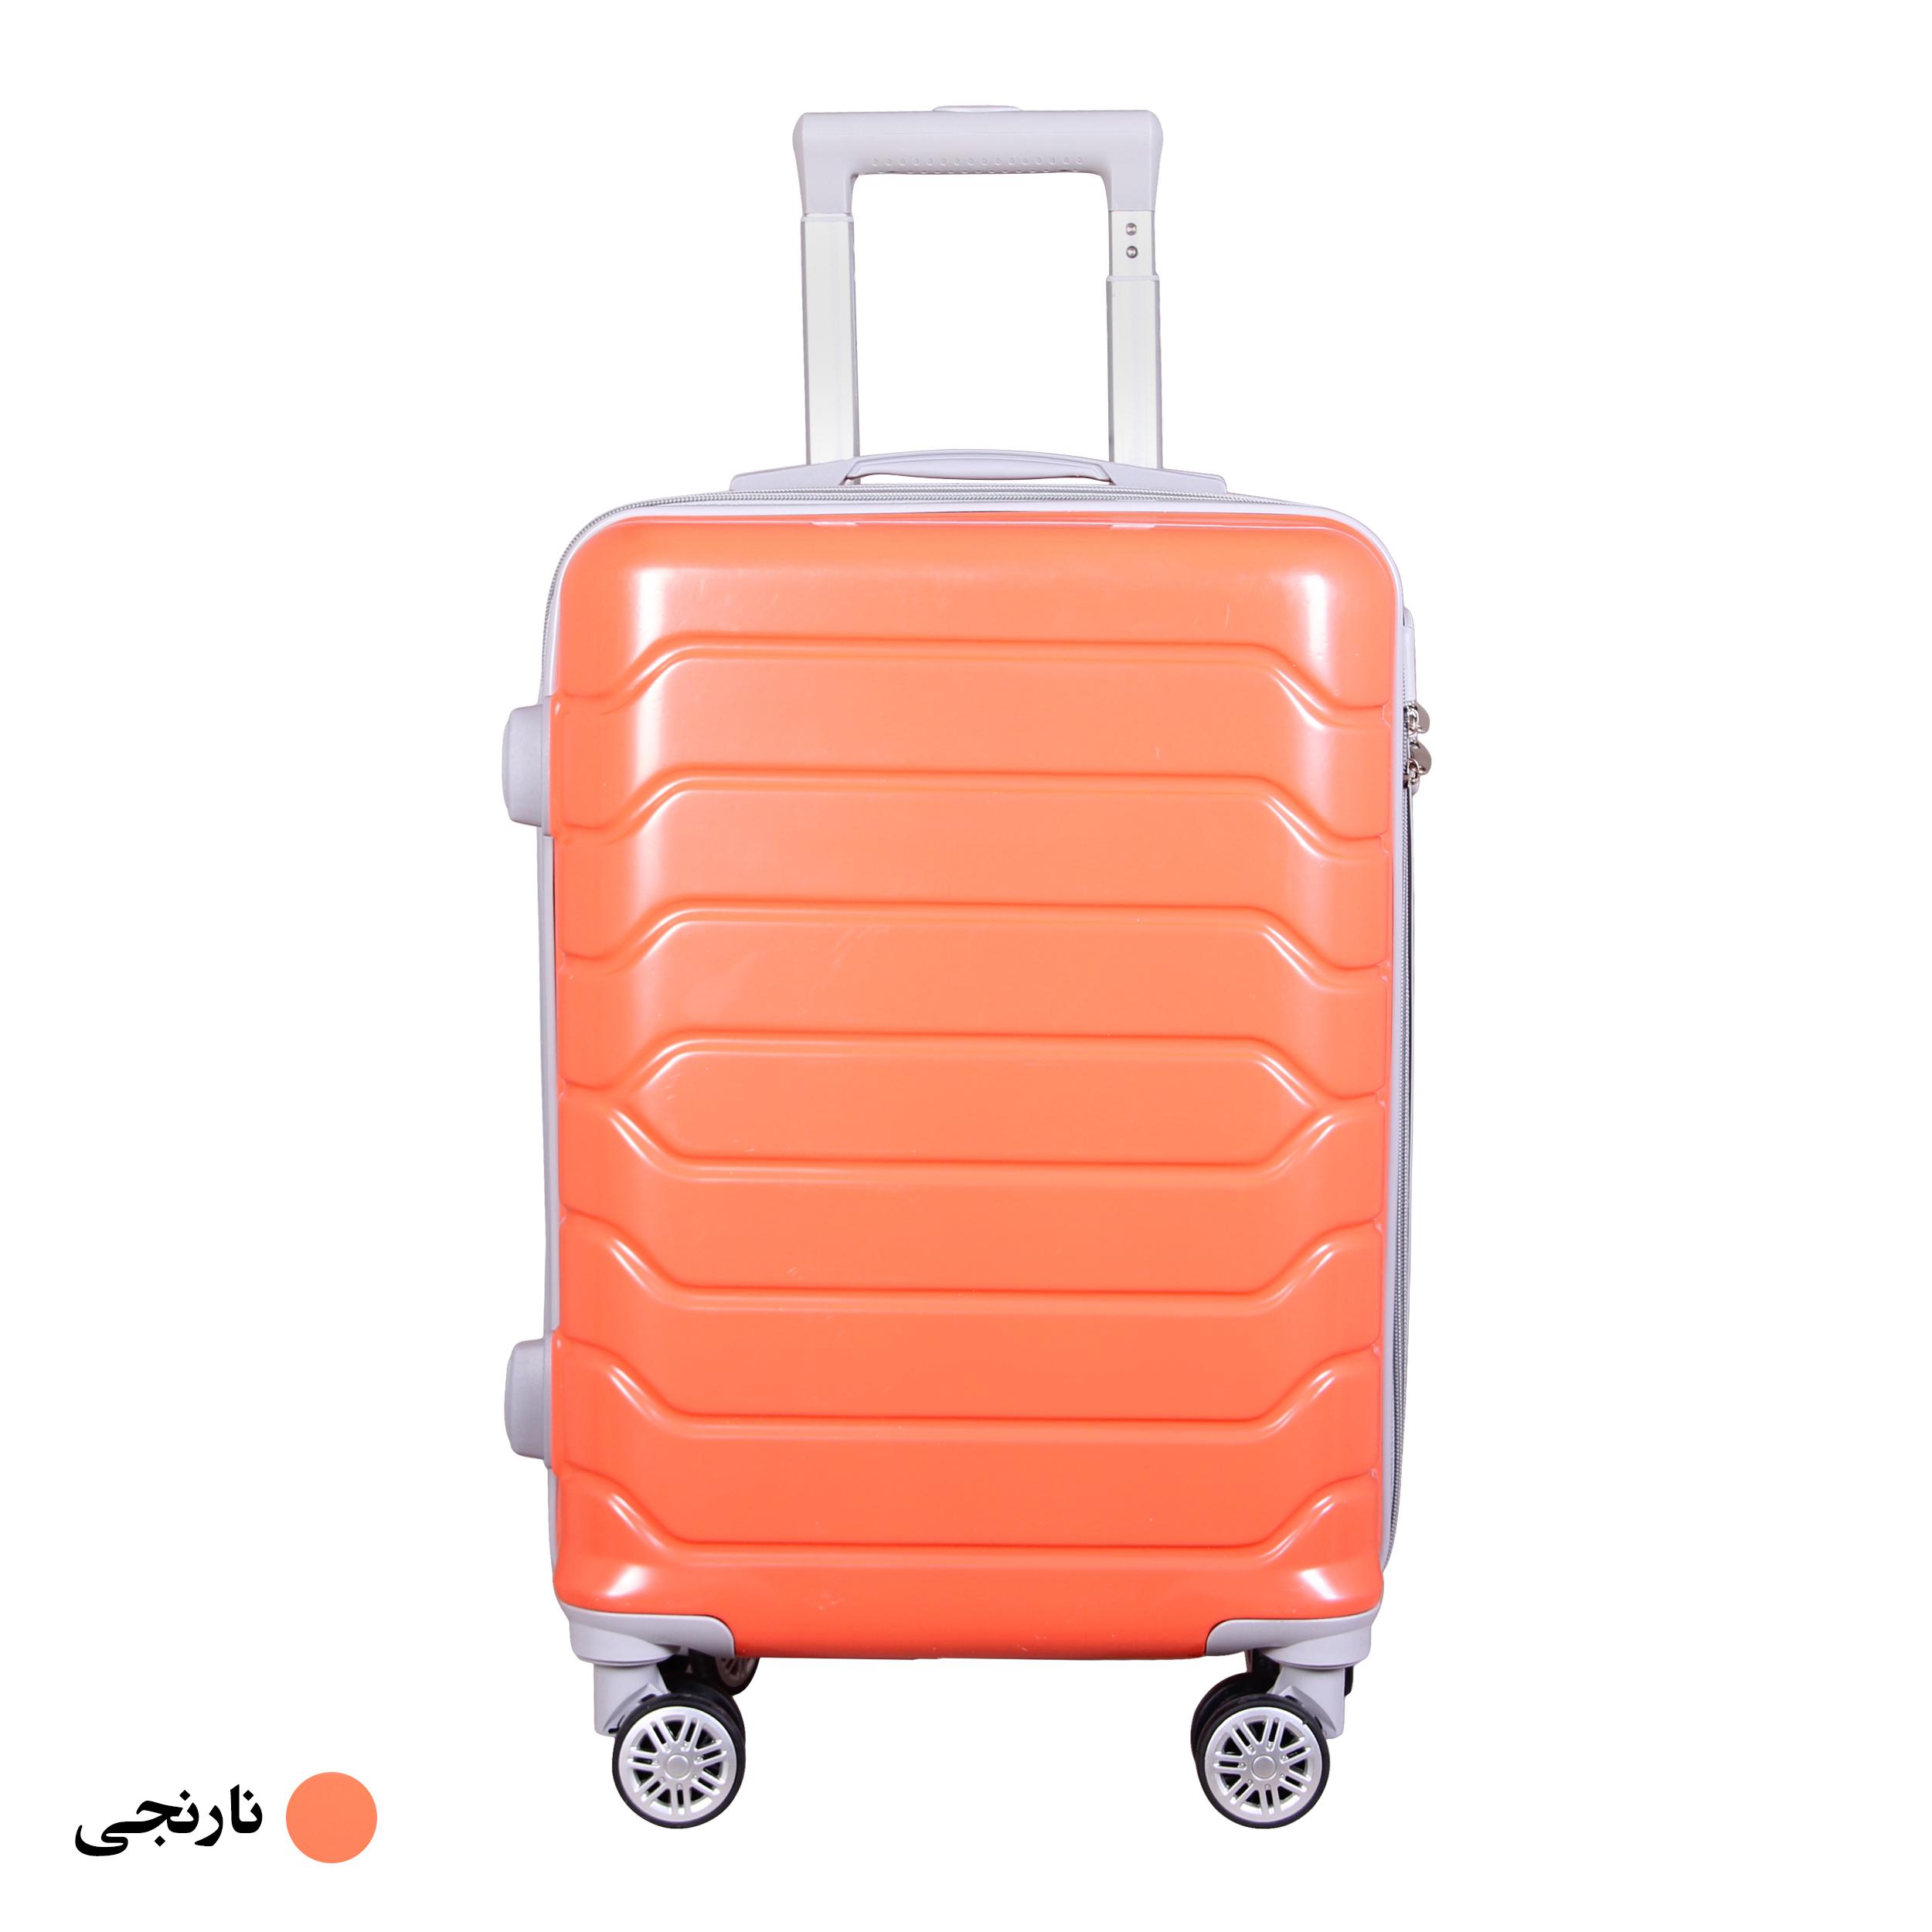 مجموعه سه عددی چمدان مدل 10021 main 1 21